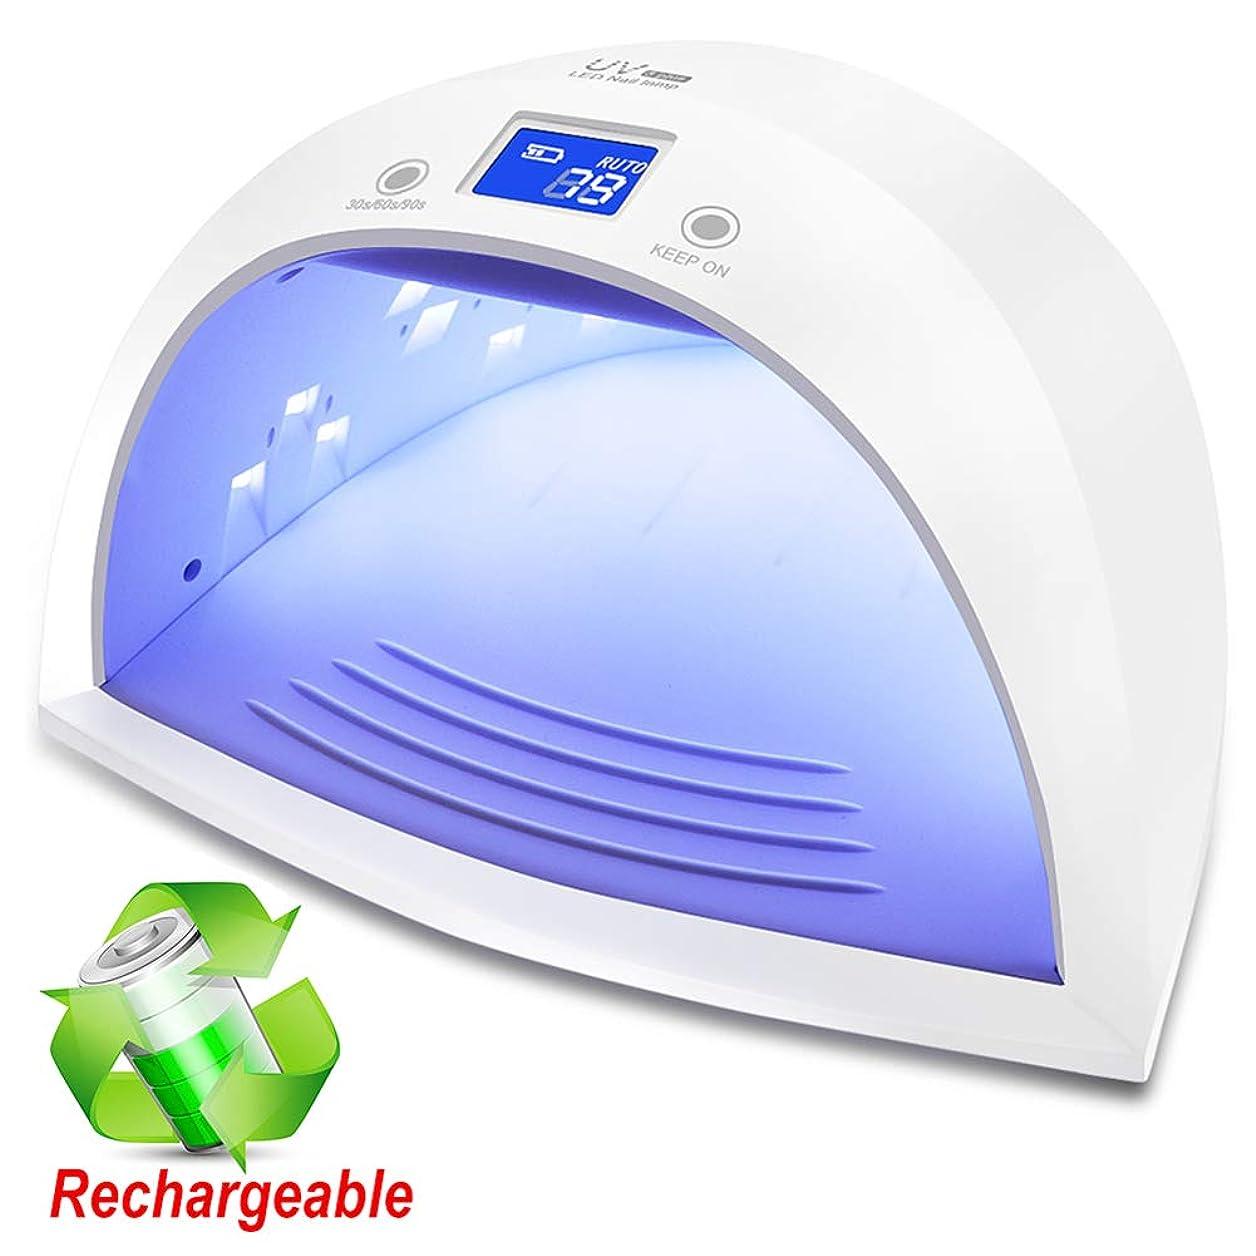 迷信わずらわしい禁止する60W プロフェッショナル UV LED ジェルネイルライトポリッシュ硬化乾燥機インテリジェント自動センサー3タイマー設定 30/60/90 ホワイト